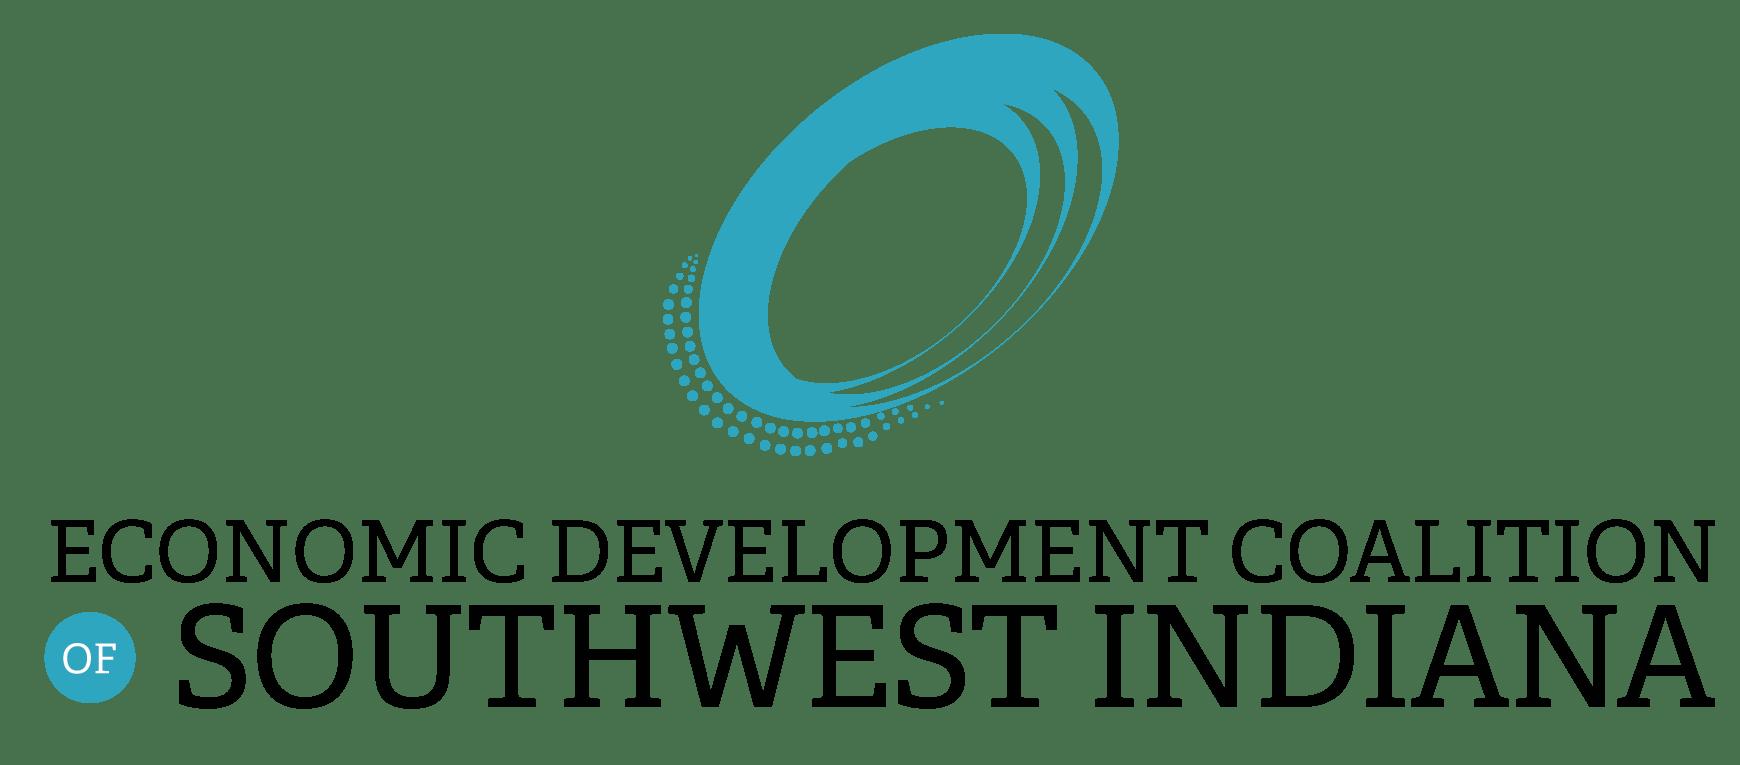 Economic Development Coalition of Southwest Indiana